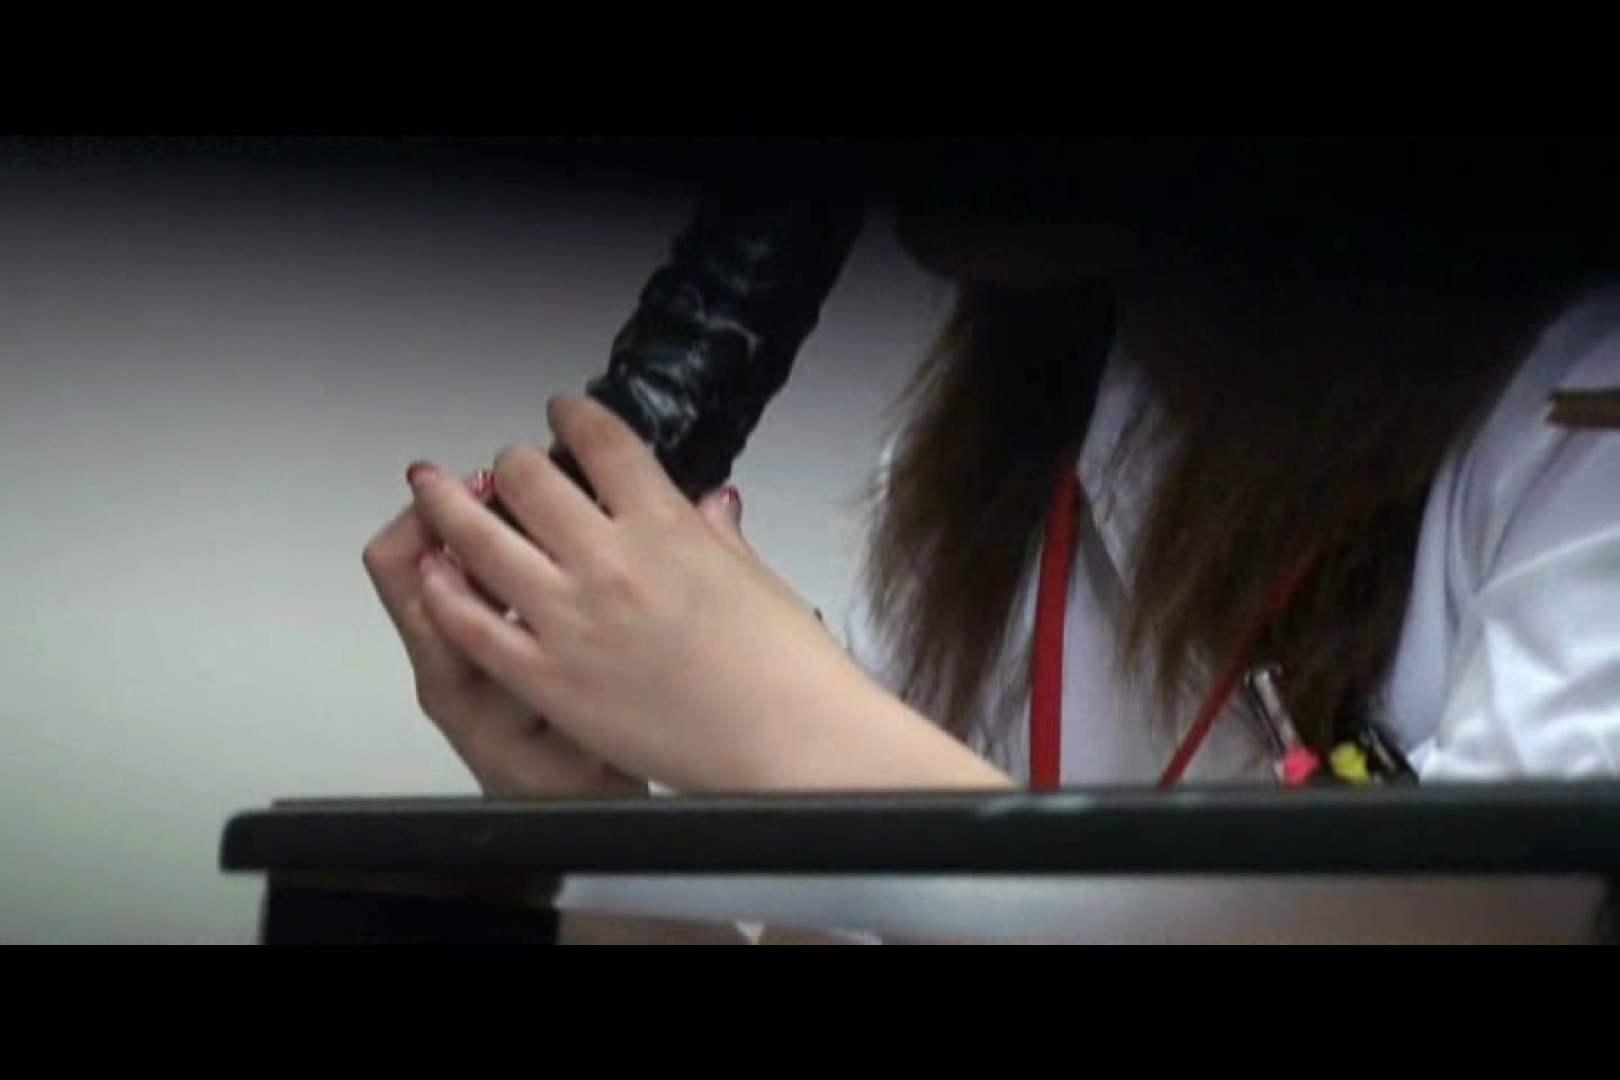 独占配信!無修正! 看護女子寮 vol.05 ナース丸裸 | 盗撮師作品  86pic 73